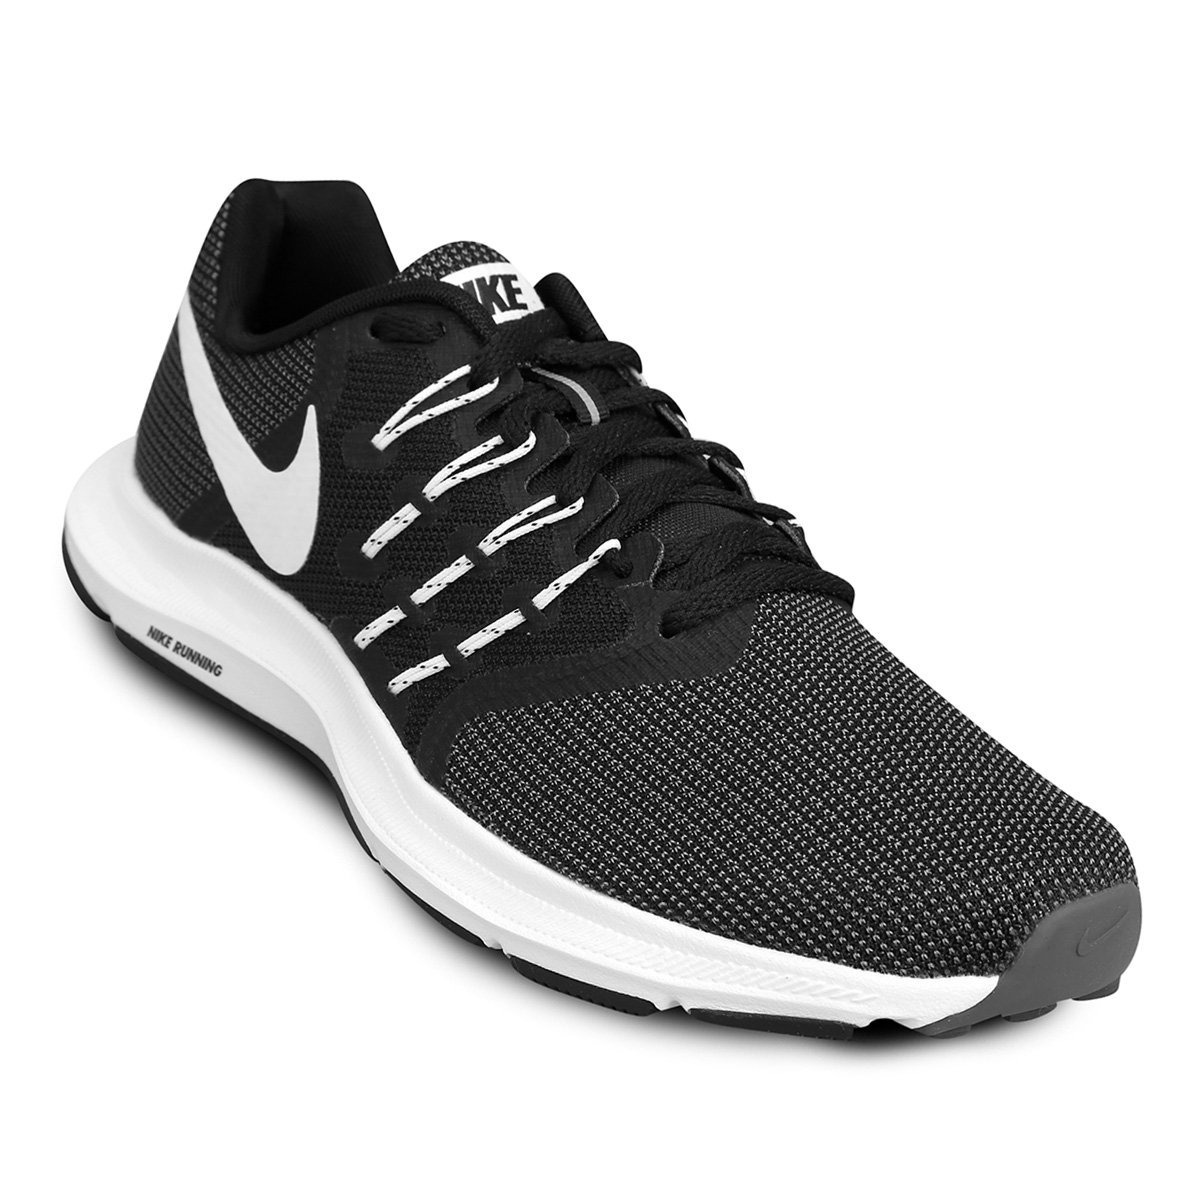 Cervecería Consentimiento Dormido  zapatillas nike running negras Shop Clothing & Shoes Online